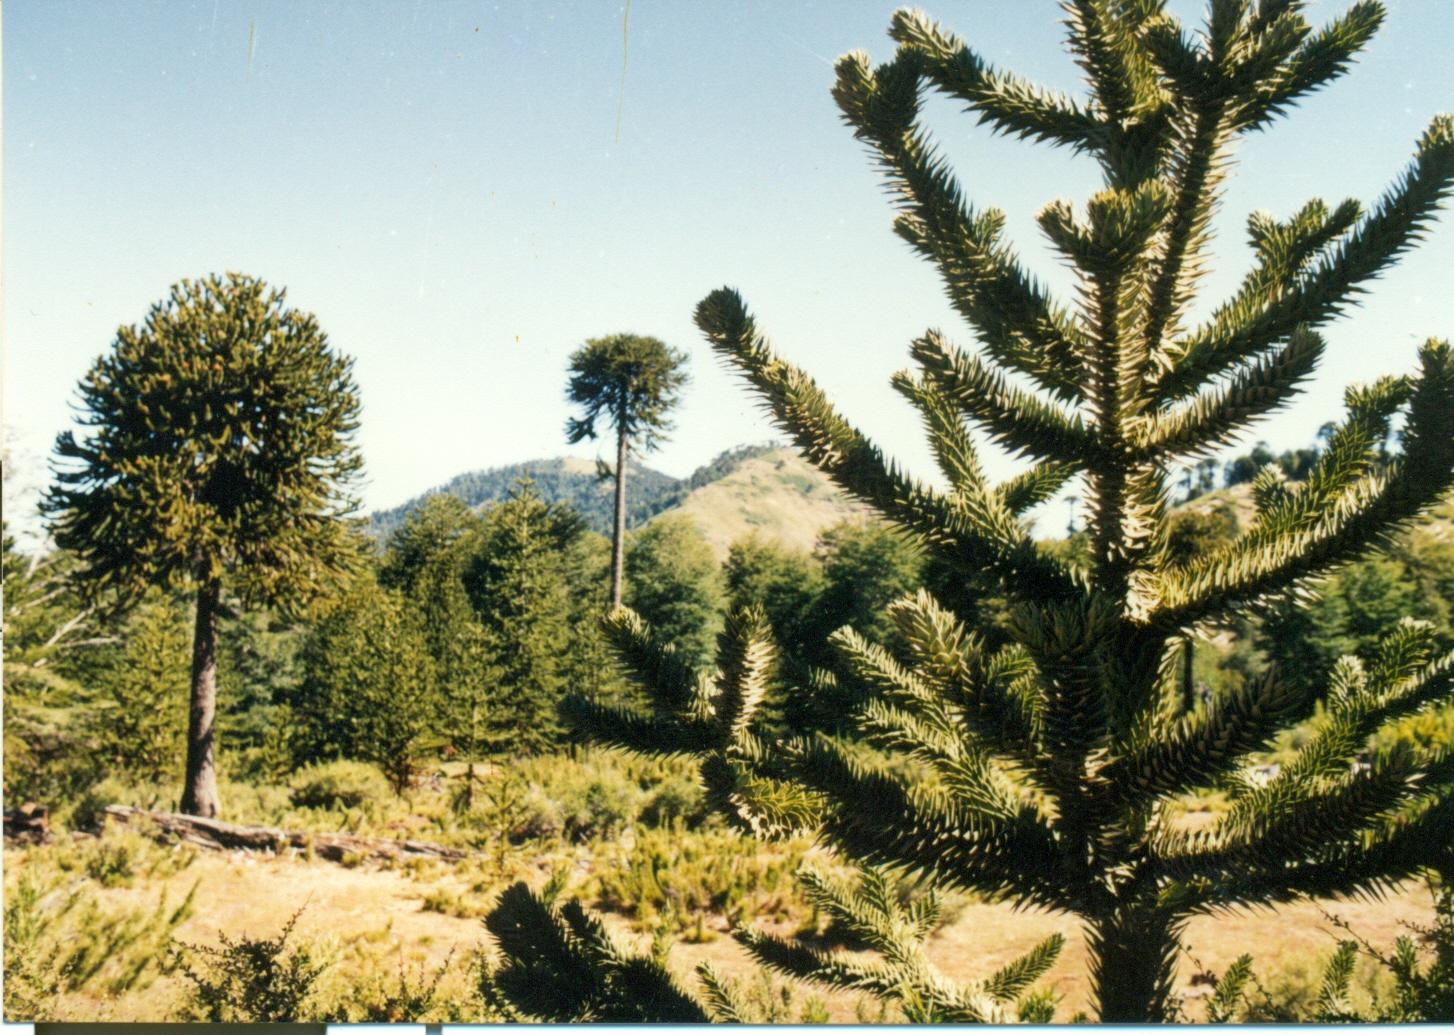 Las araucarias, verdadero símbolo del hábitat mapuche. Fotografía de Nelson Muñoz Mera.